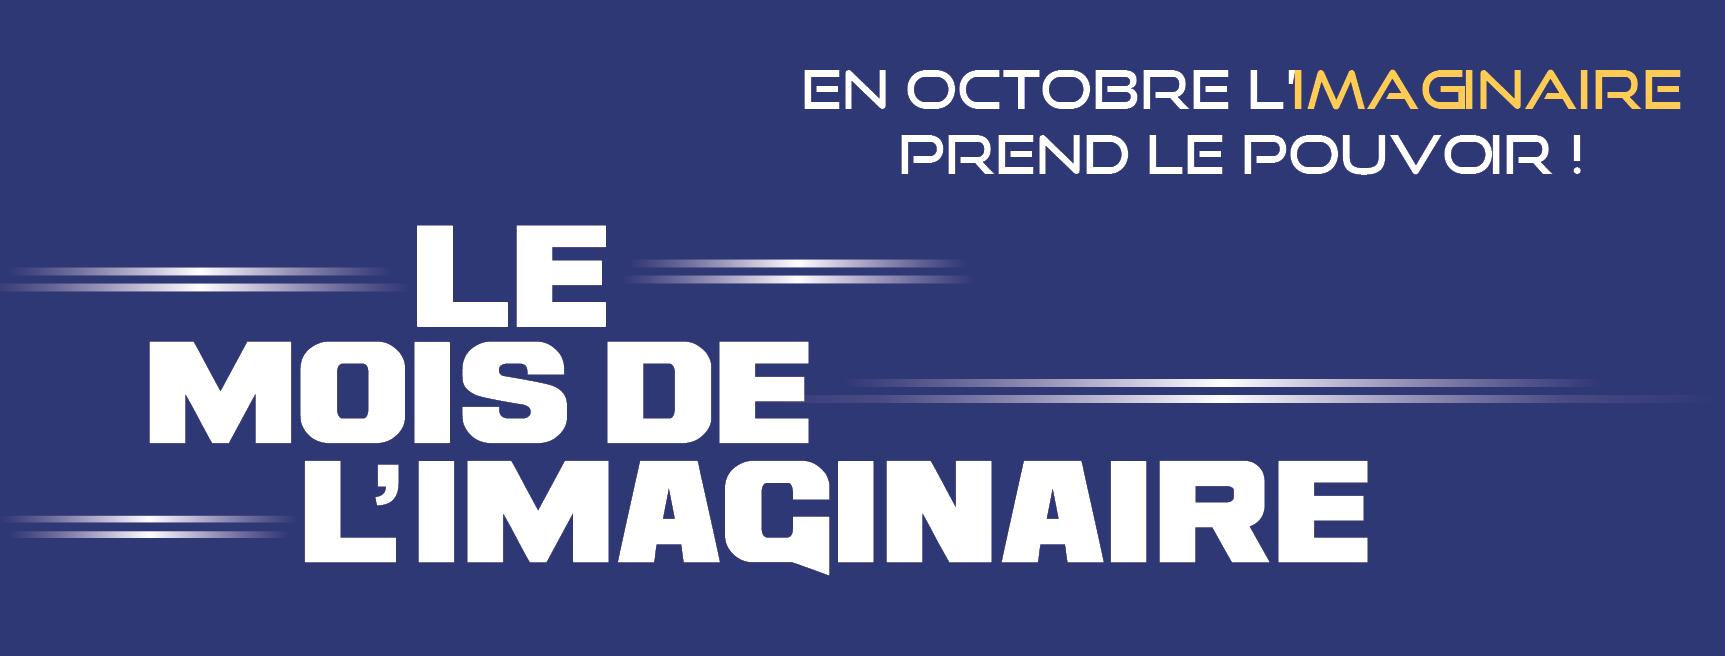 Le Mois de l'Imaginaire de vos auteurs #3 avec Patrick Dewdney, Adrien Tomas et Franck Ferric